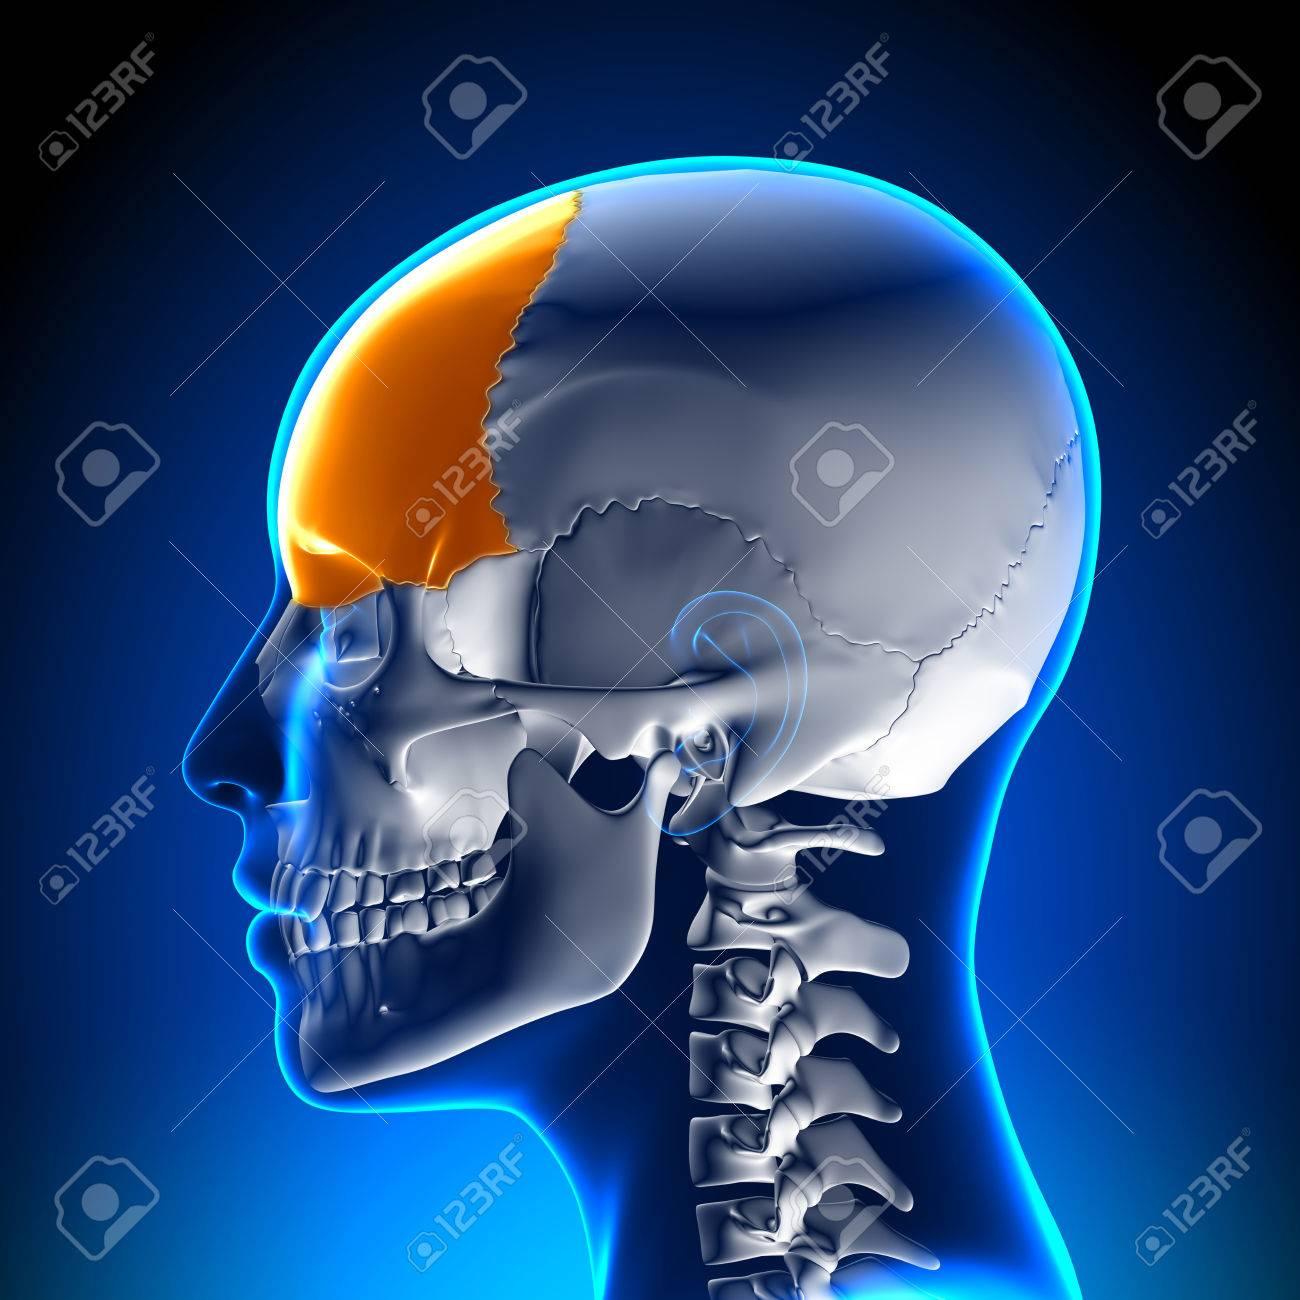 Weiblich Stirnbein - Schädel / Cranium Anatomie Lizenzfreie Fotos ...